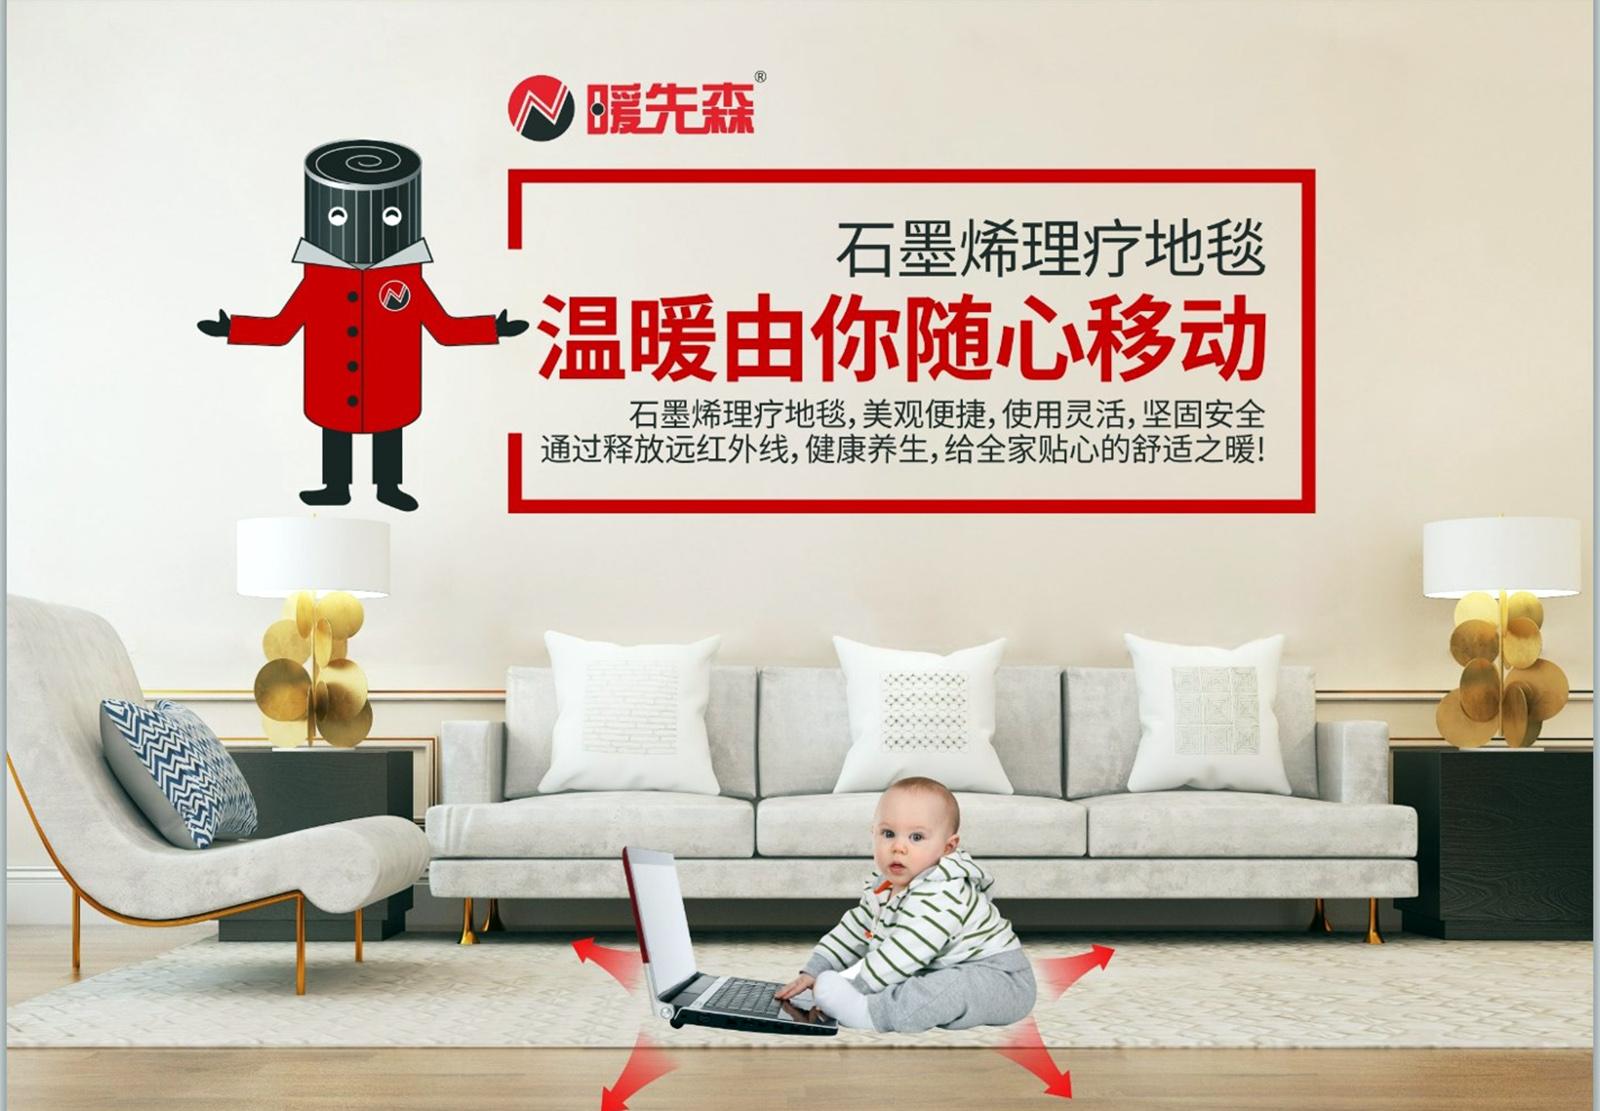 石墨烯采暖品牌策划设计